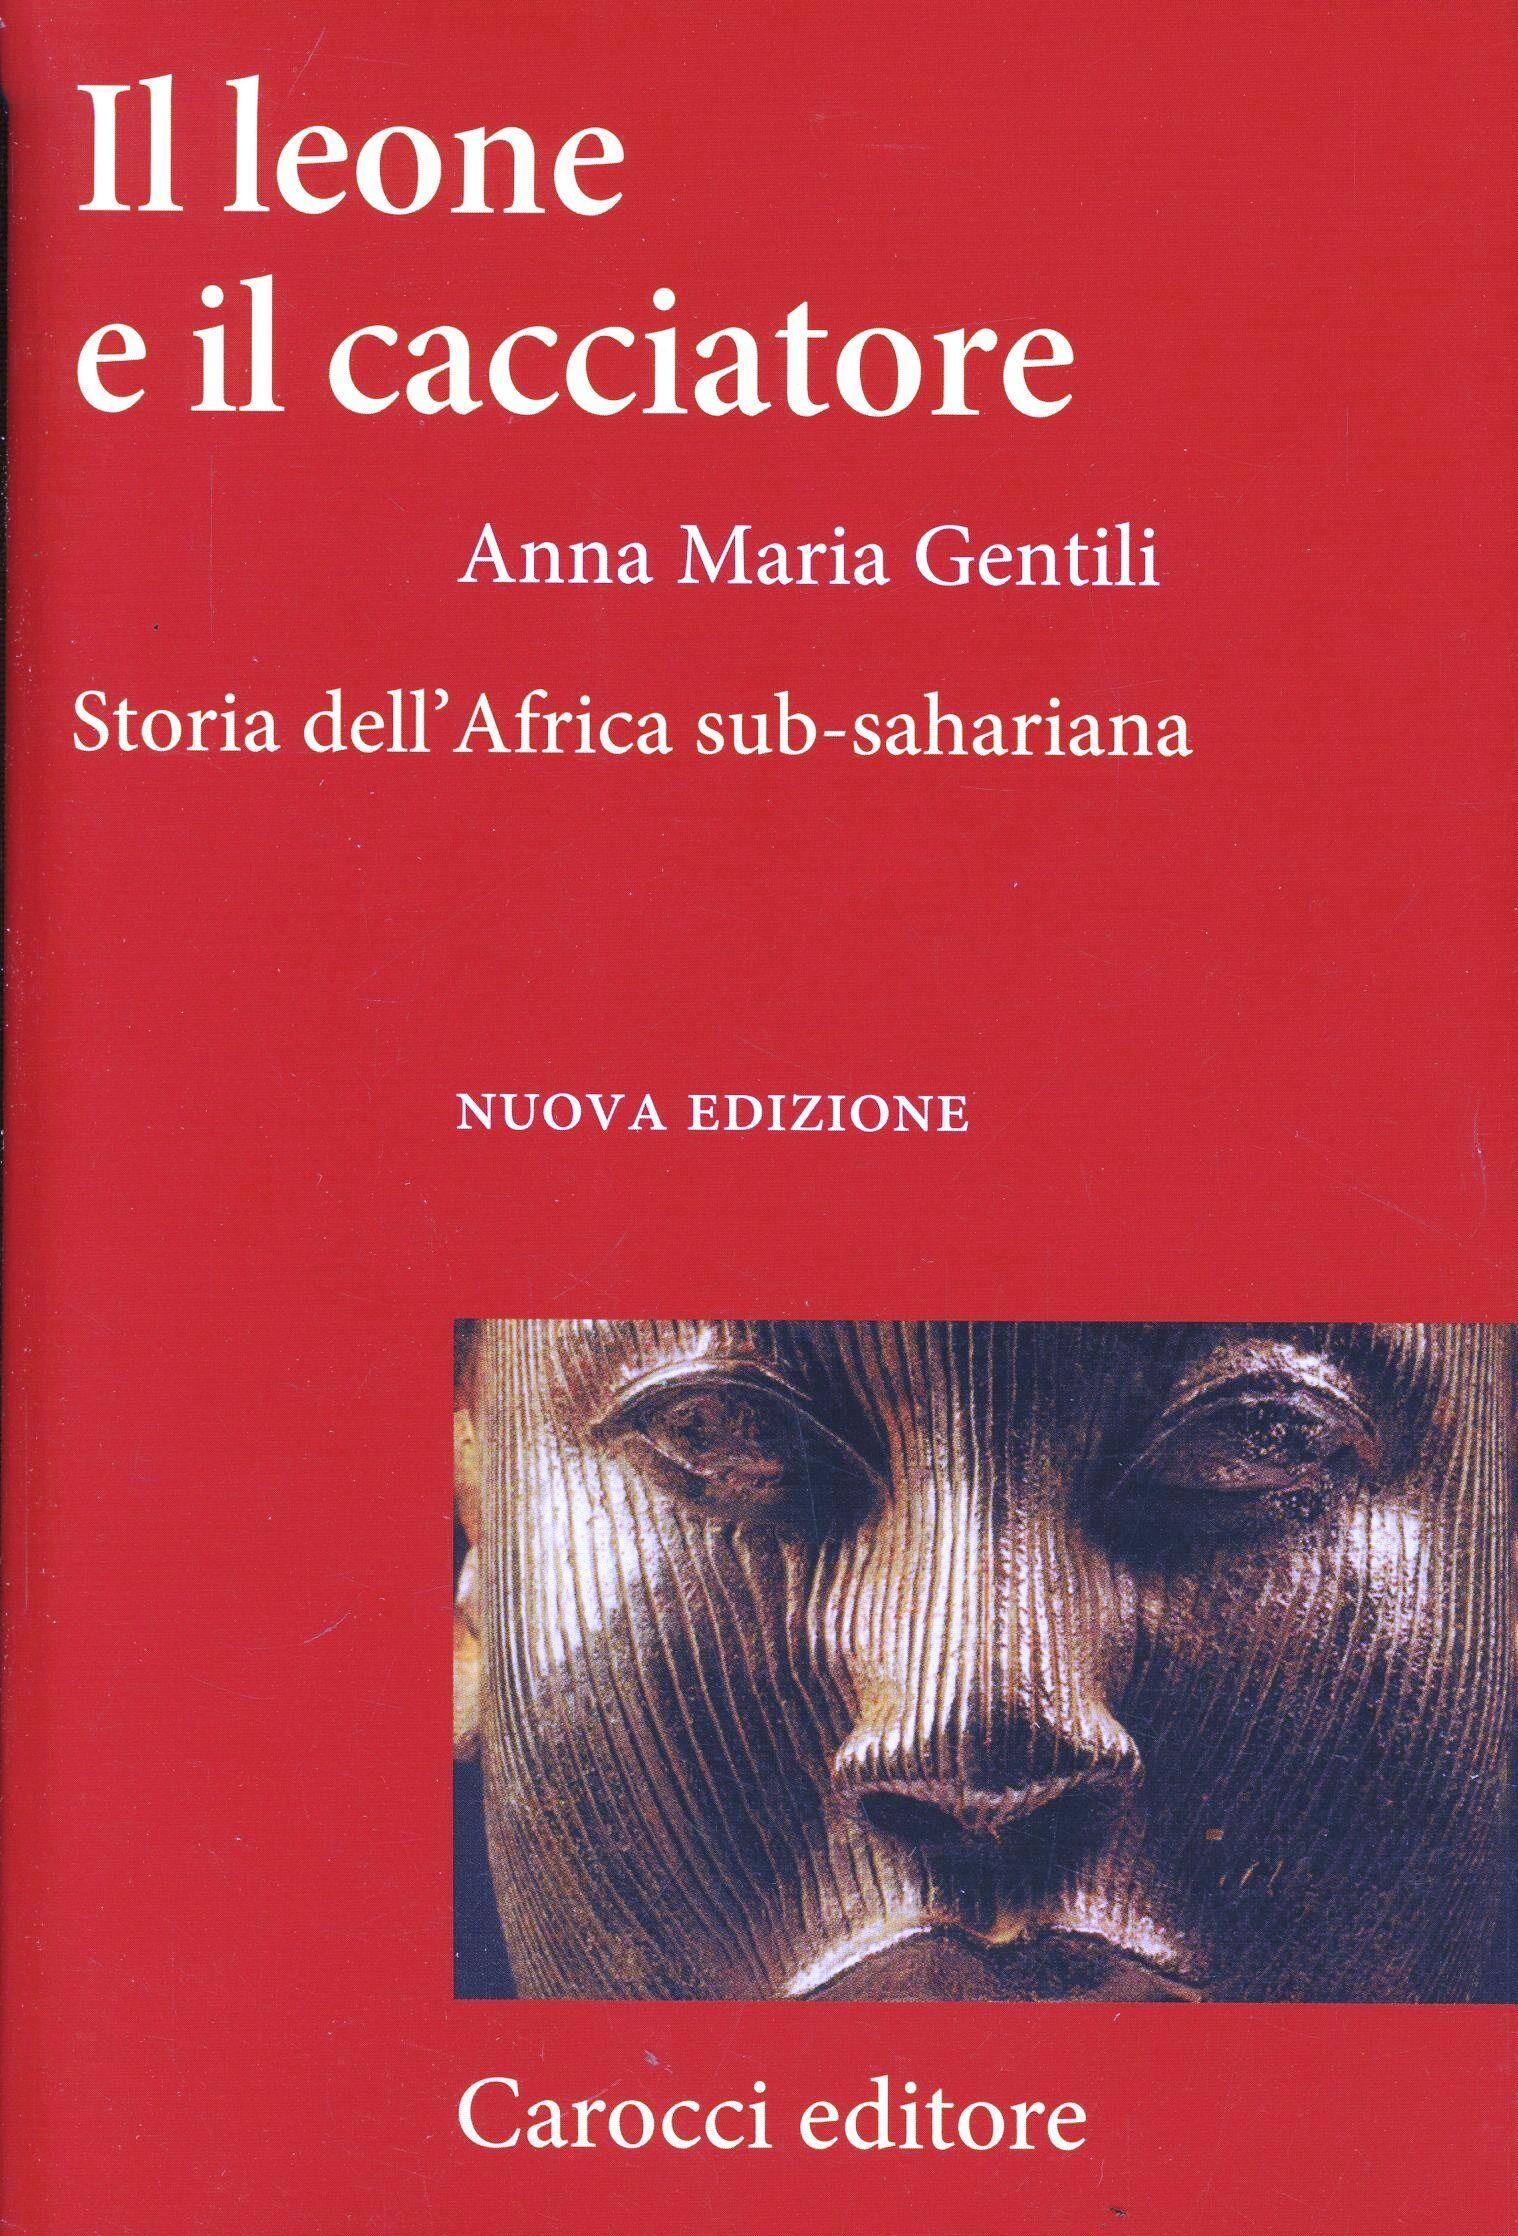 Il leone e il cacciatore. Storia dell'Africa sub-sahariana